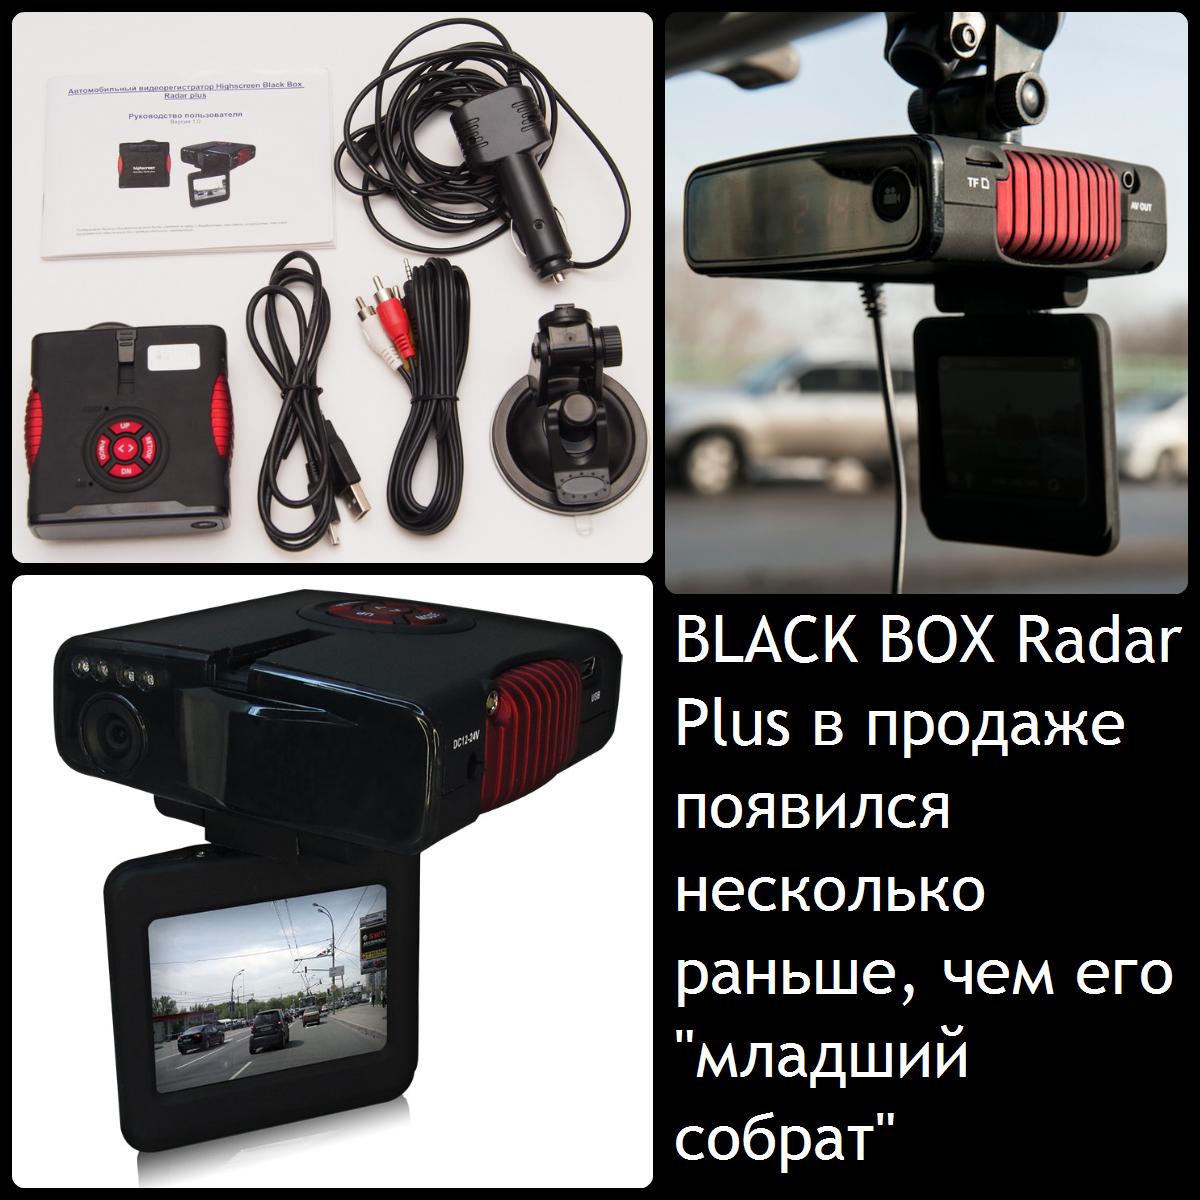 Самый дорогой Black Box Highscreen, модель Radar Plus